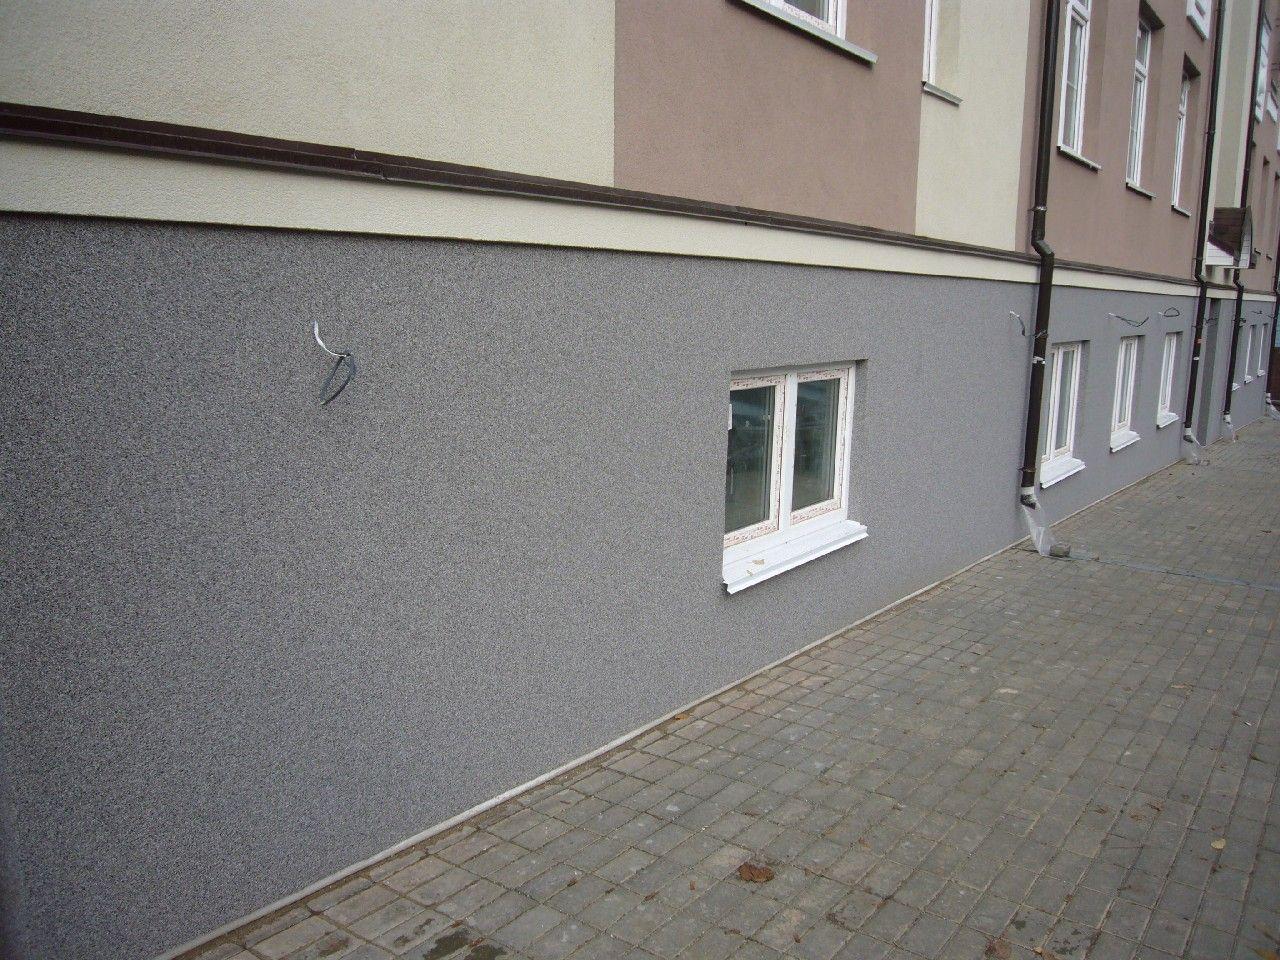 Фото декоративной рамки на стене